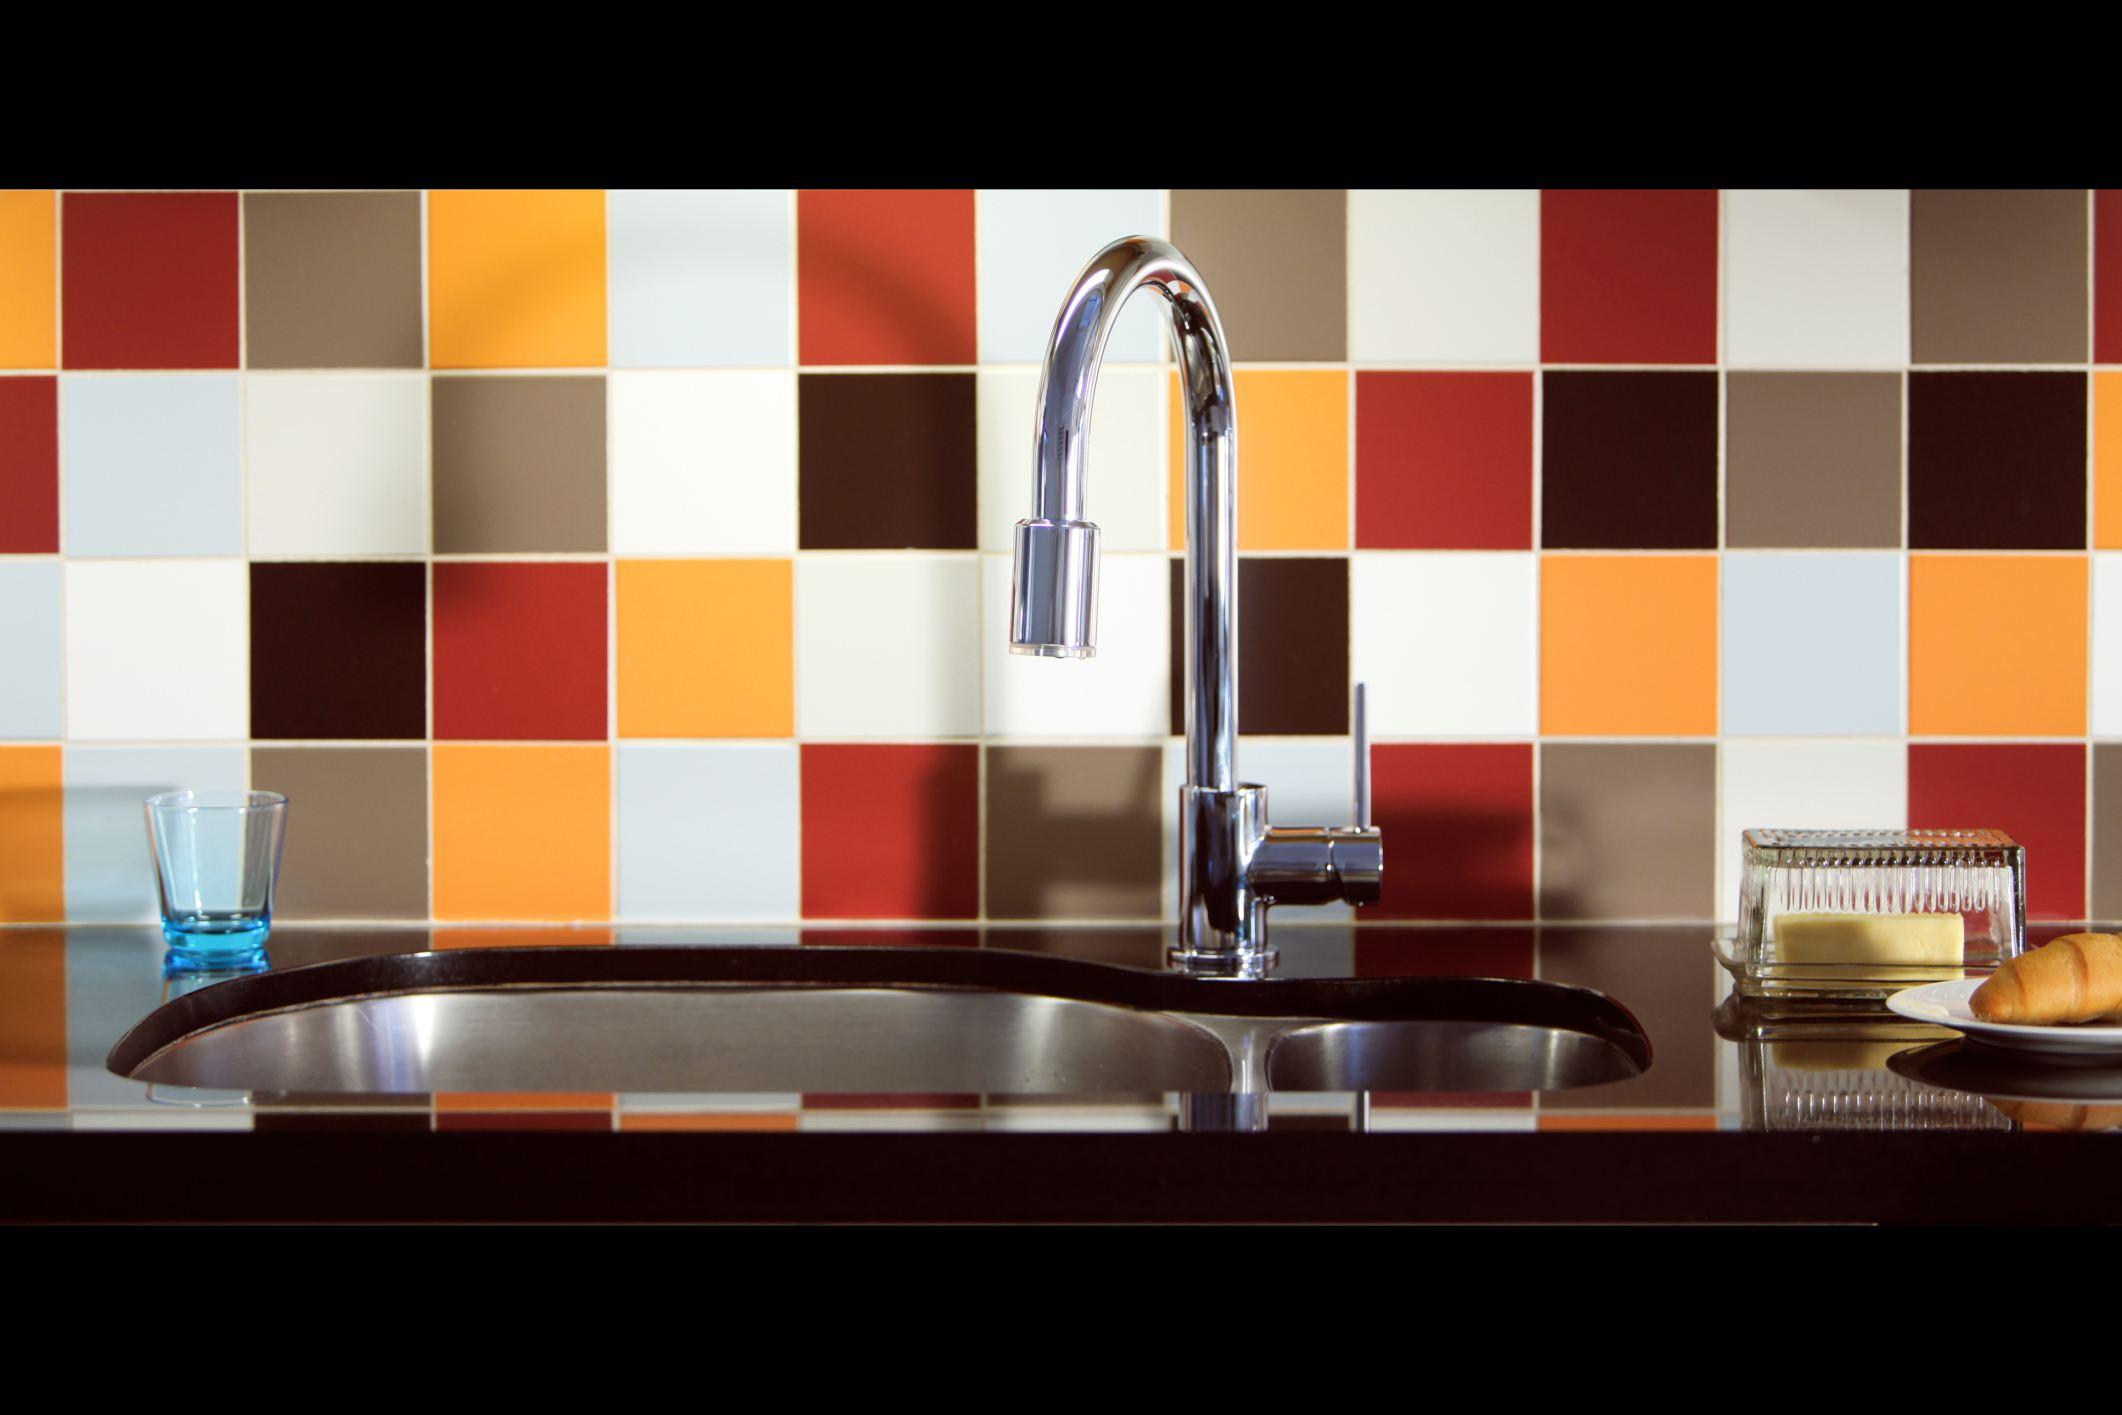 Multi Colored Tile Backsplash Behind Sink in Kitchen 146638780